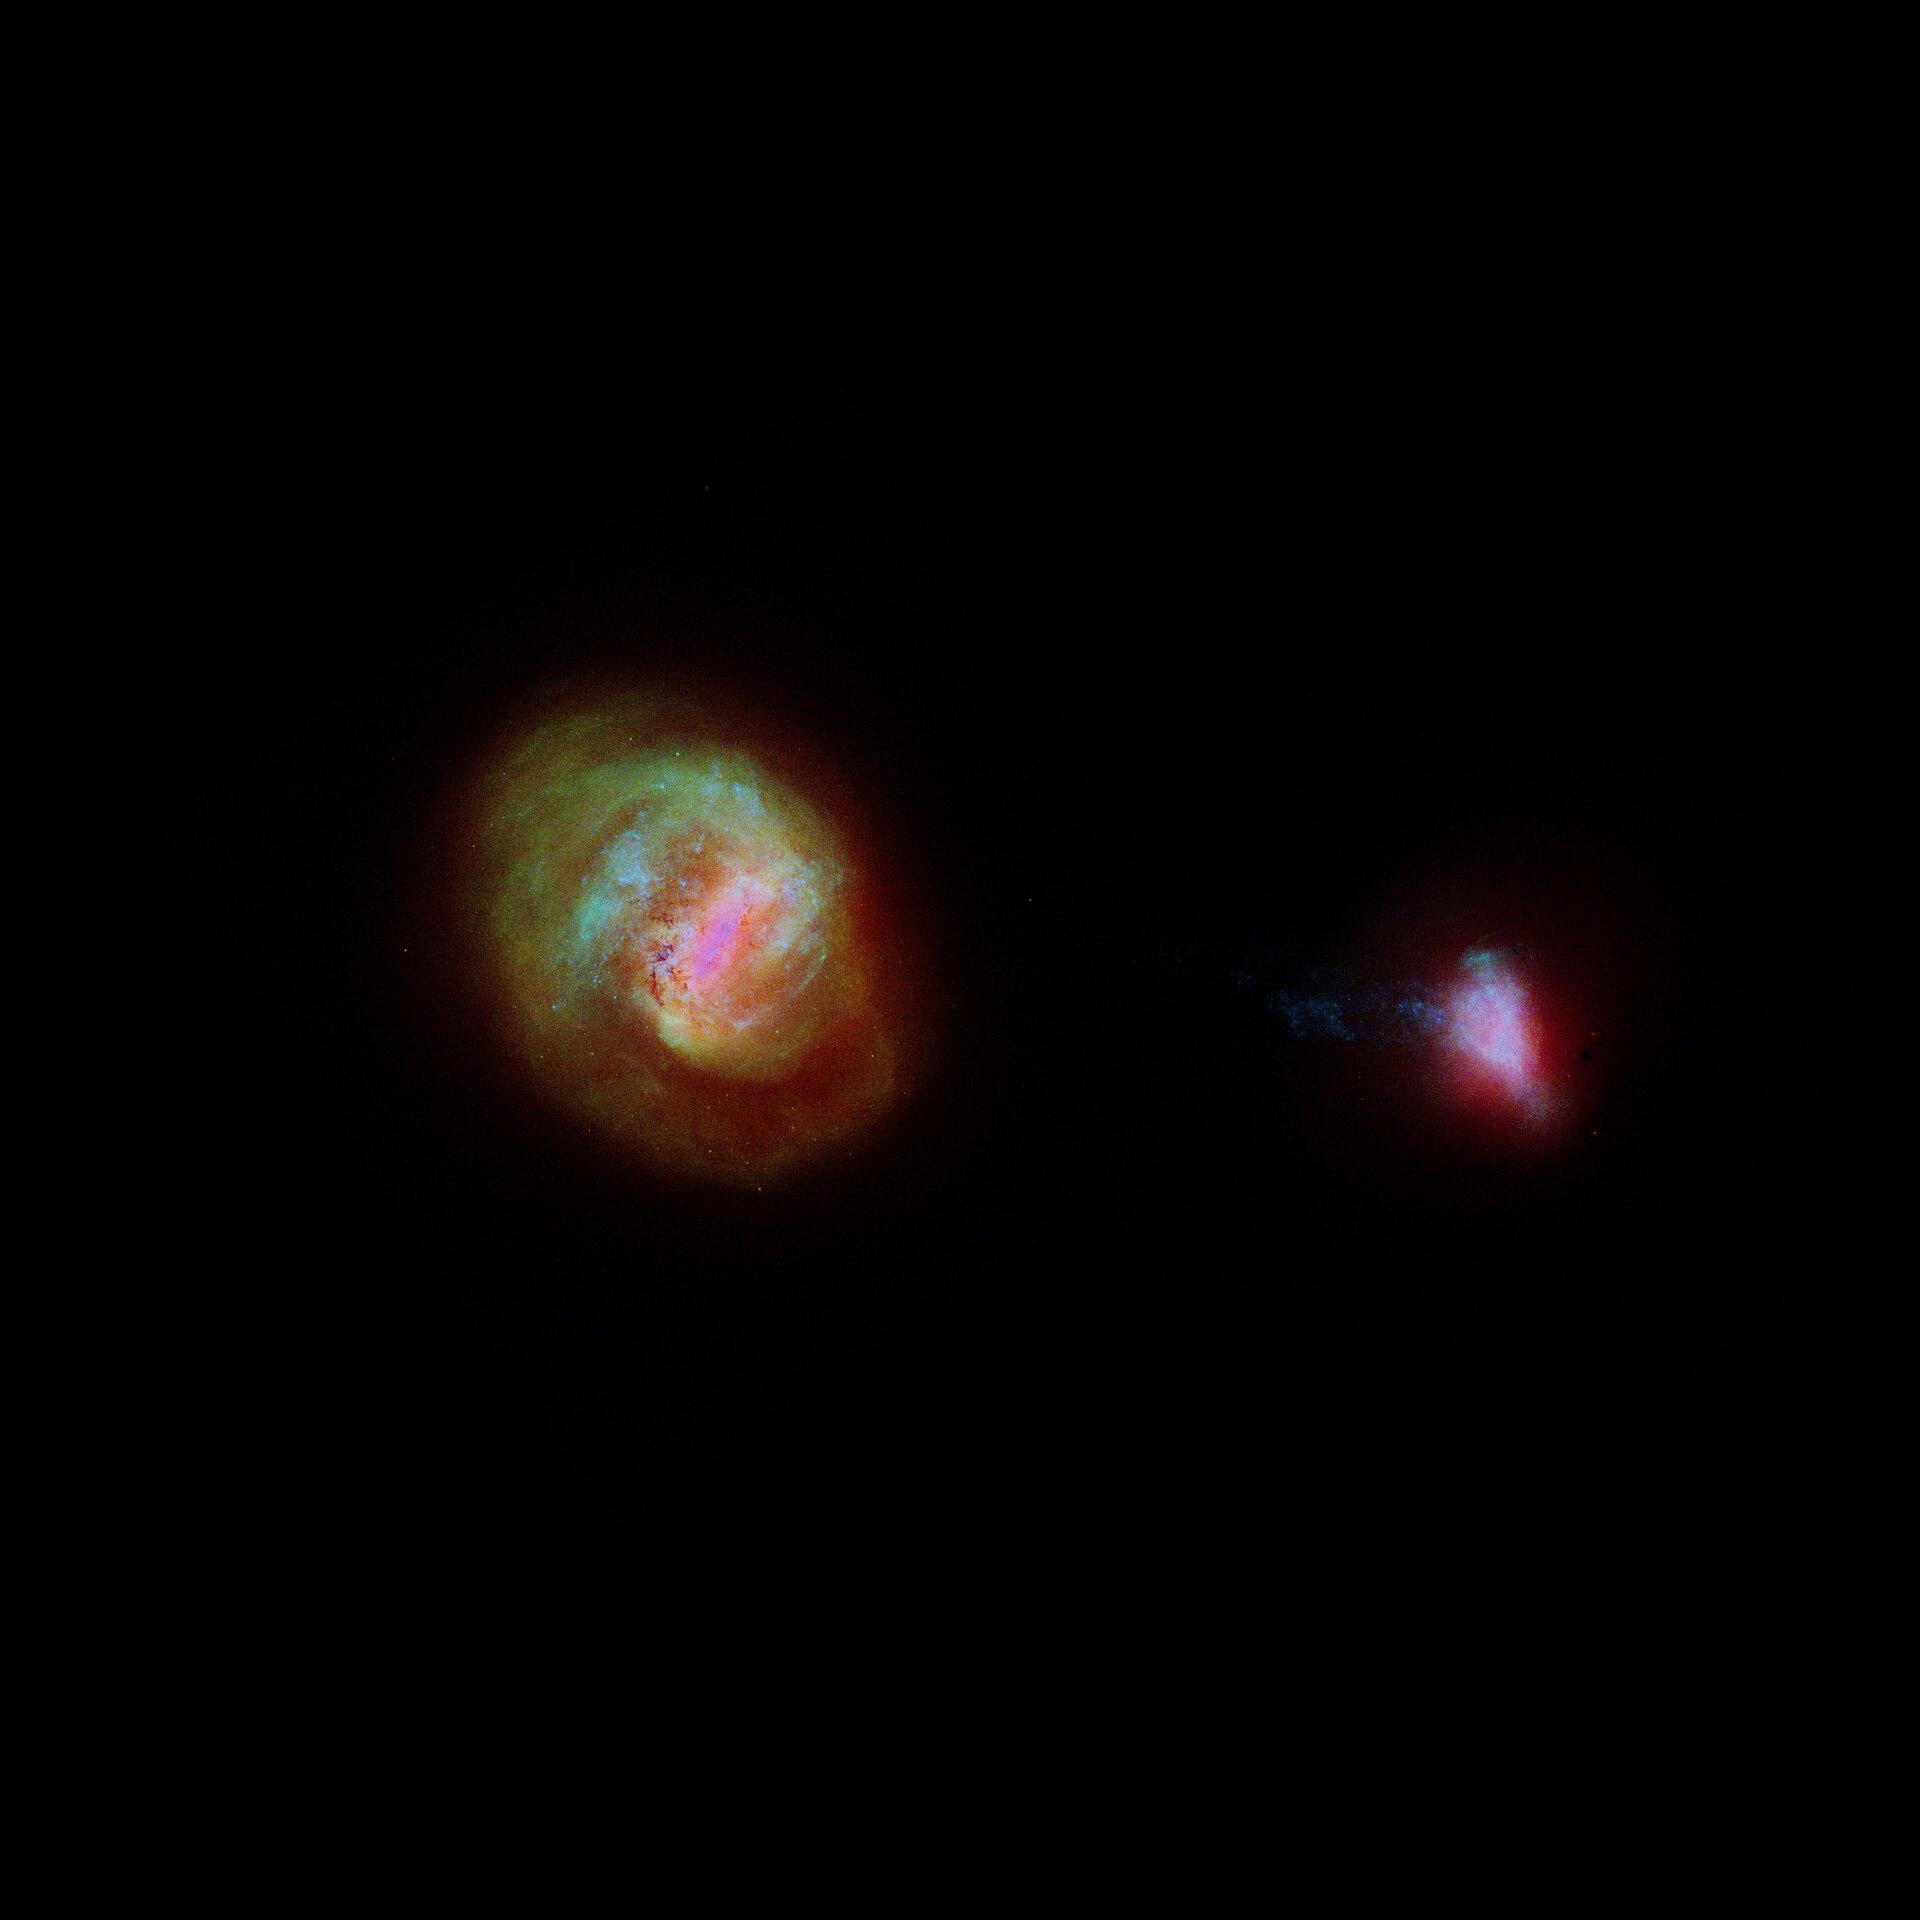 Трехмерная карта, показывающая Большое Магелланово Облако (слева) и Малое Магелланово Облако, сделанная астрономами с использованием данных Gaia